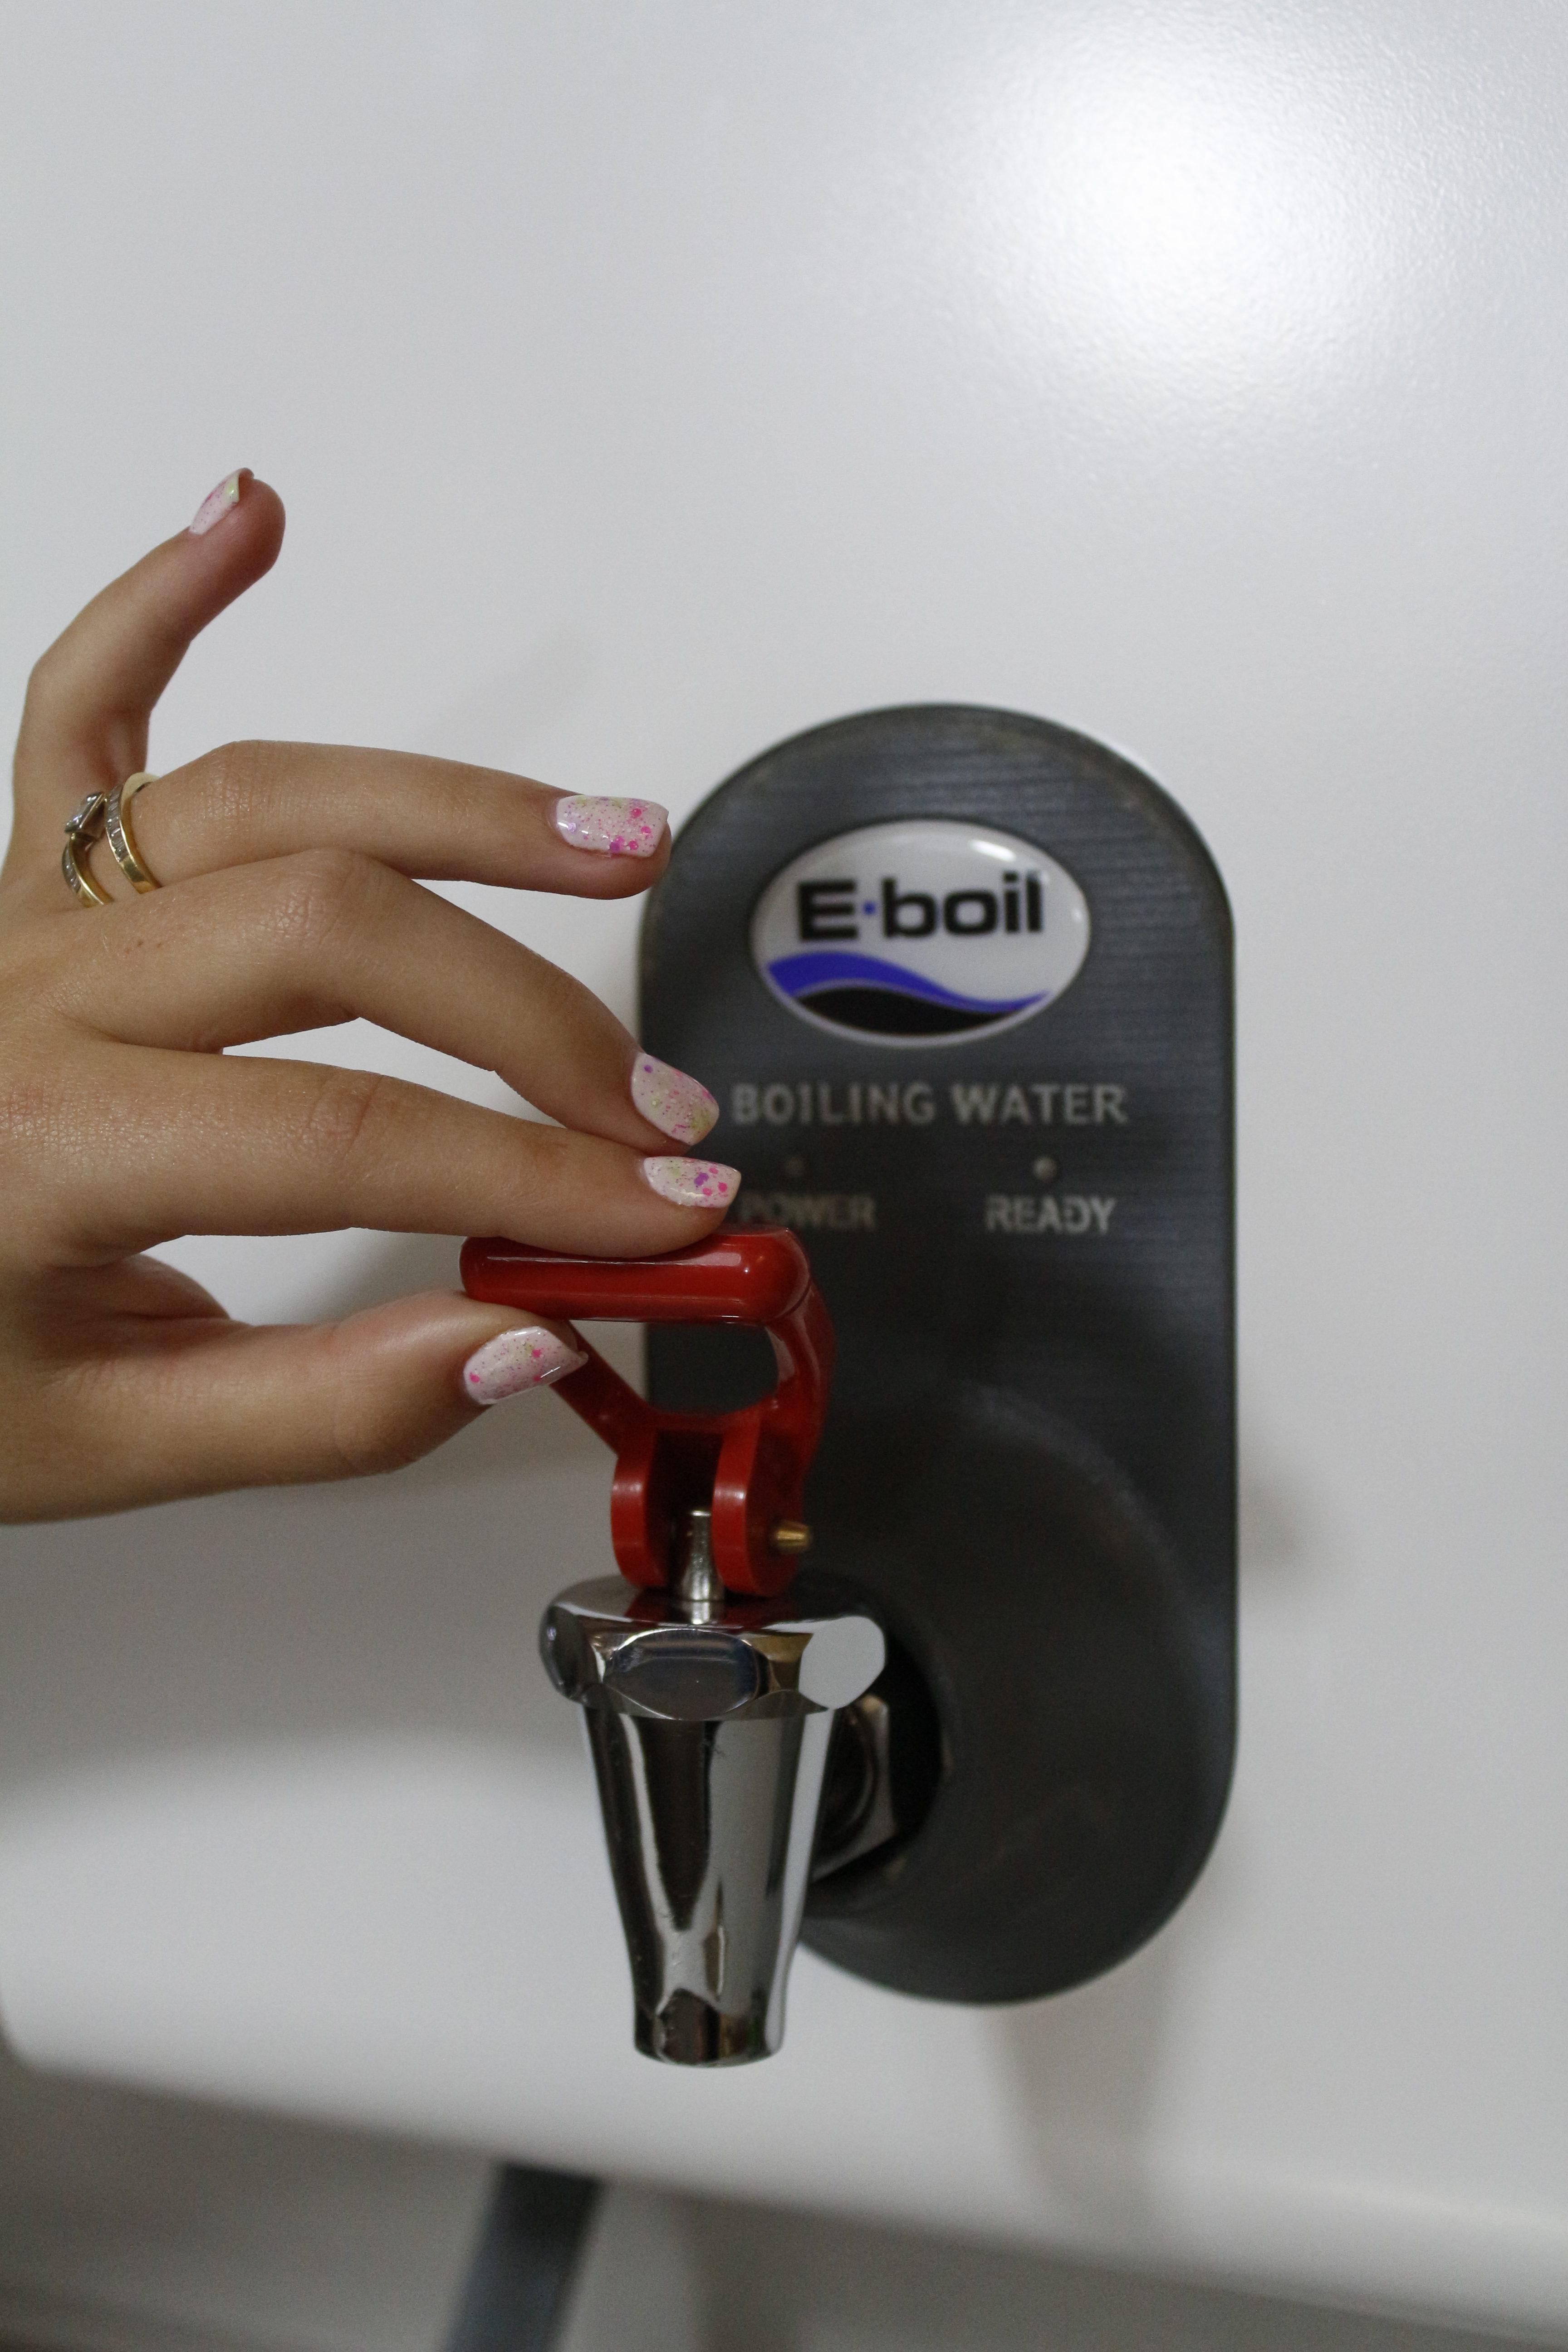 E-Boil BlueWave 2.5 Litre - Stainless Steel finish